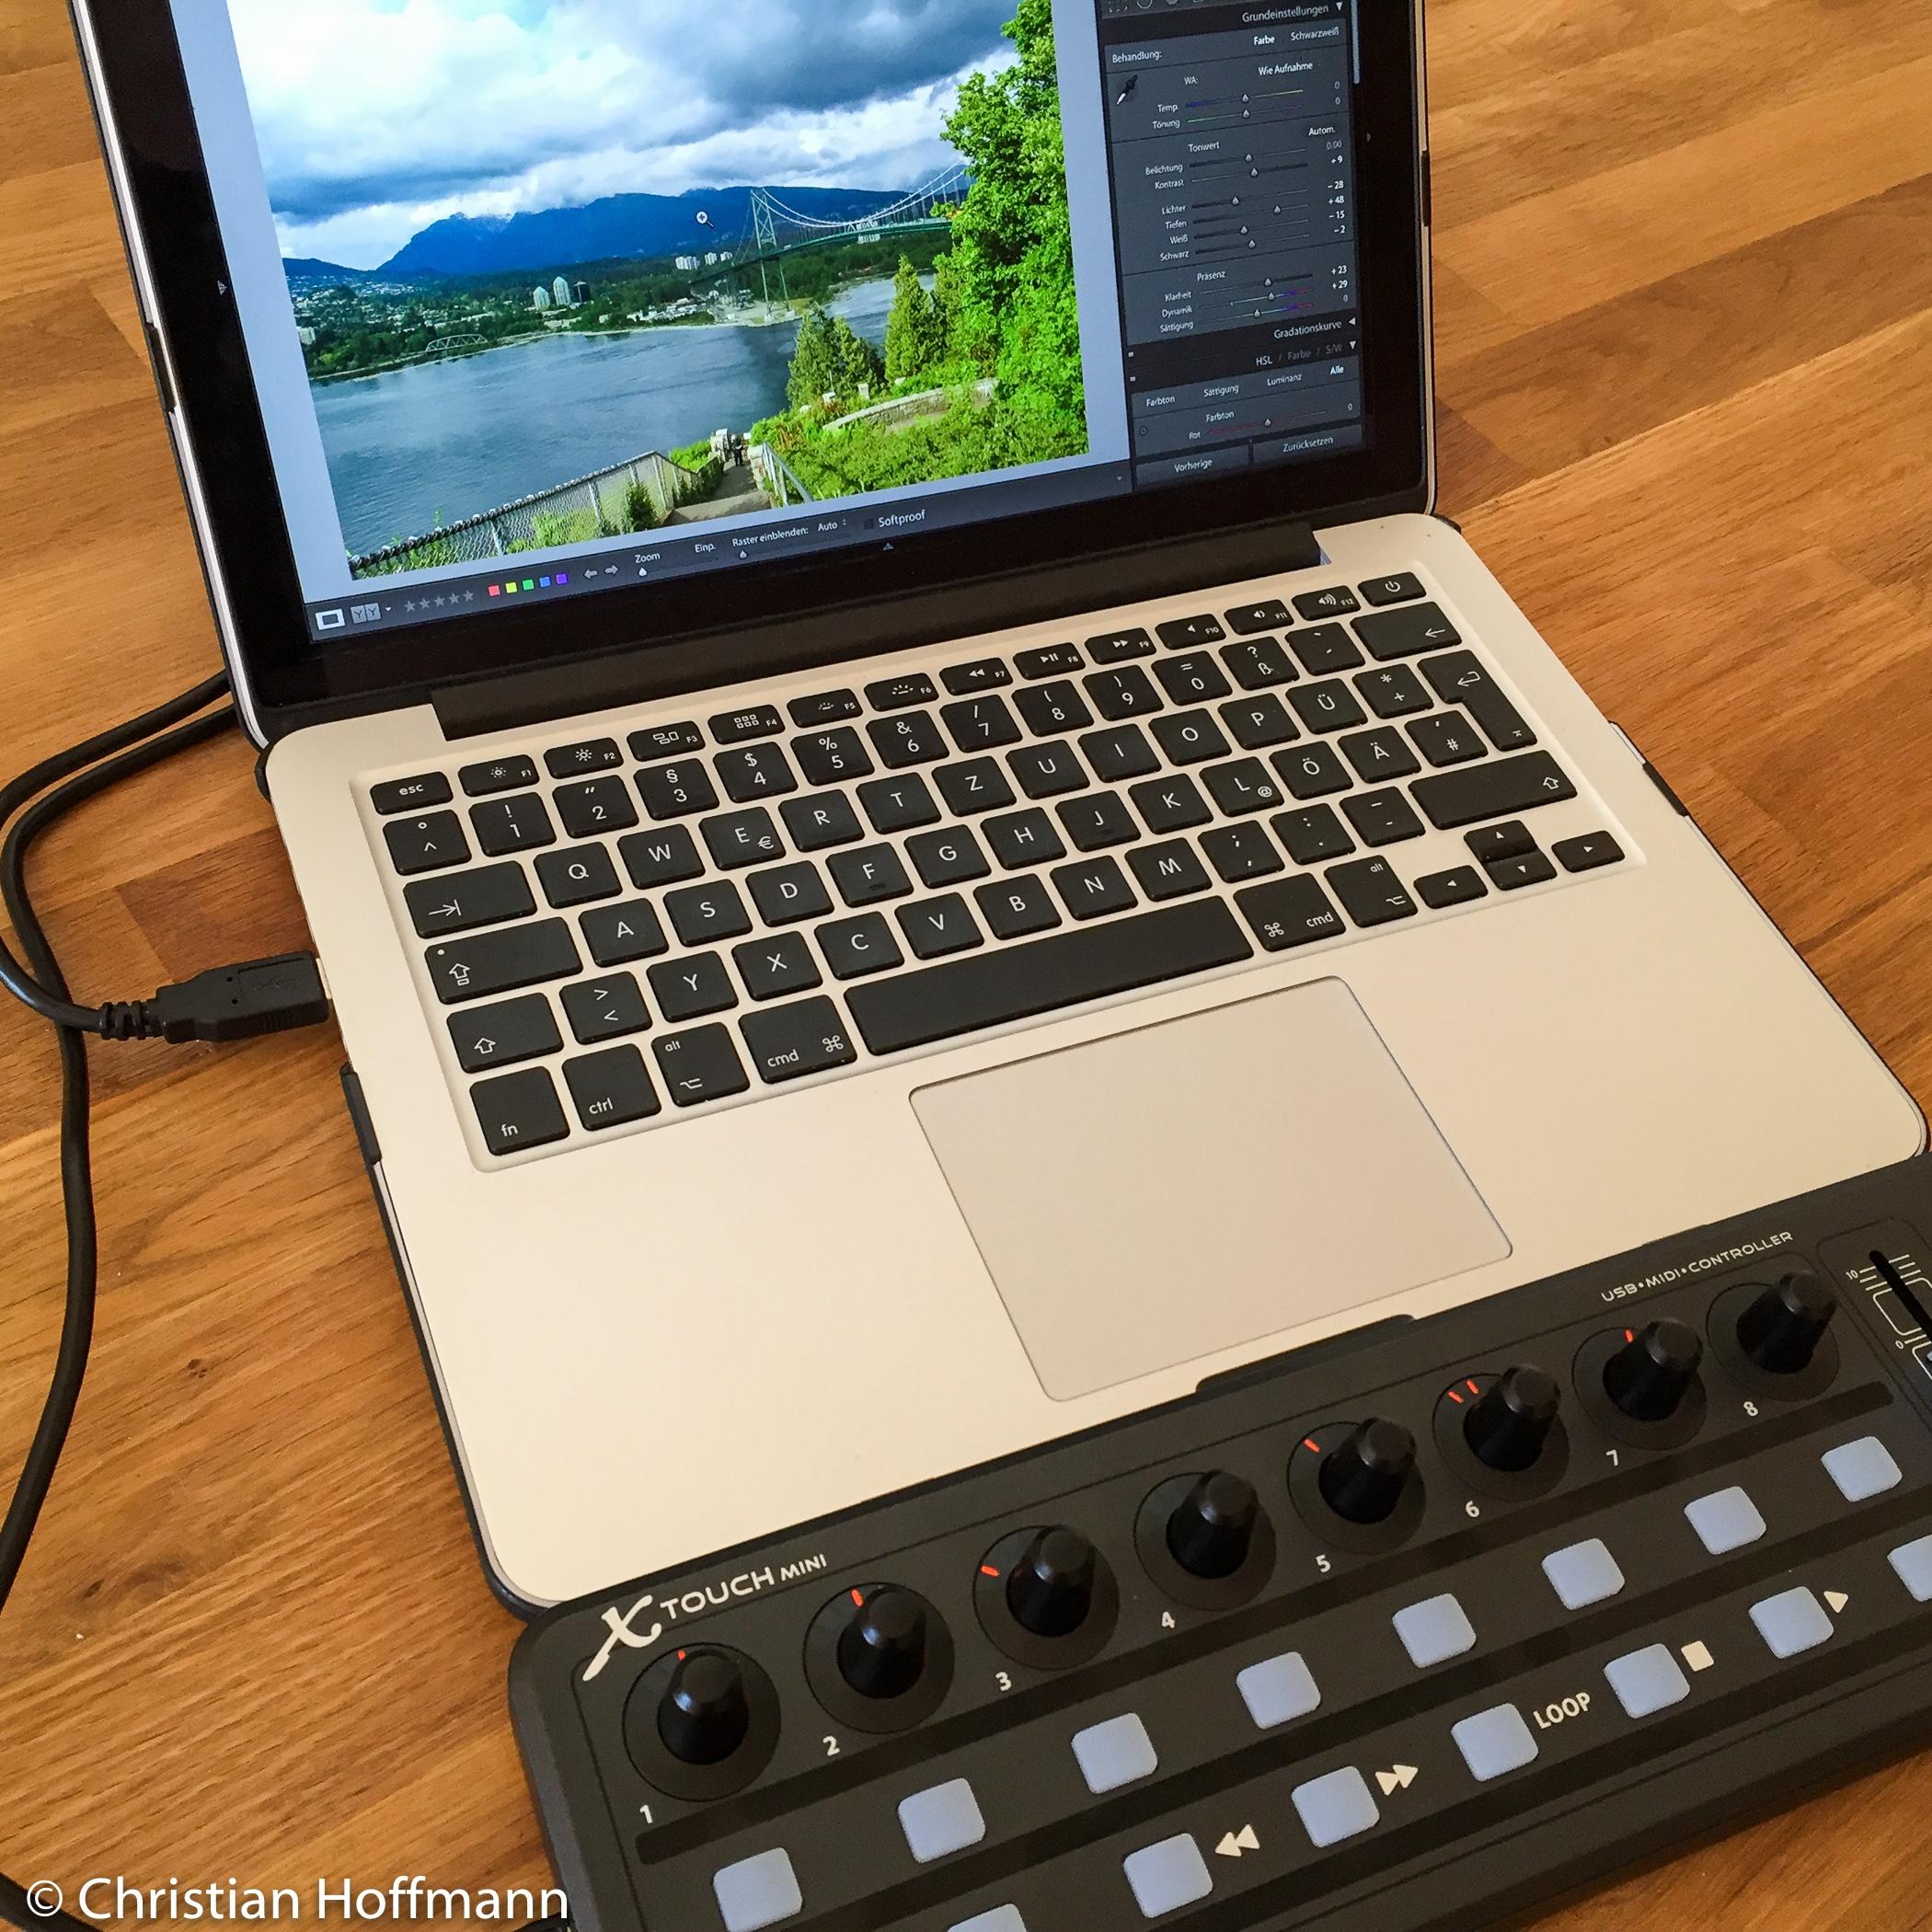 X-Touch-mini mit MIDI2LR zur schnellen Fotoentwicklung